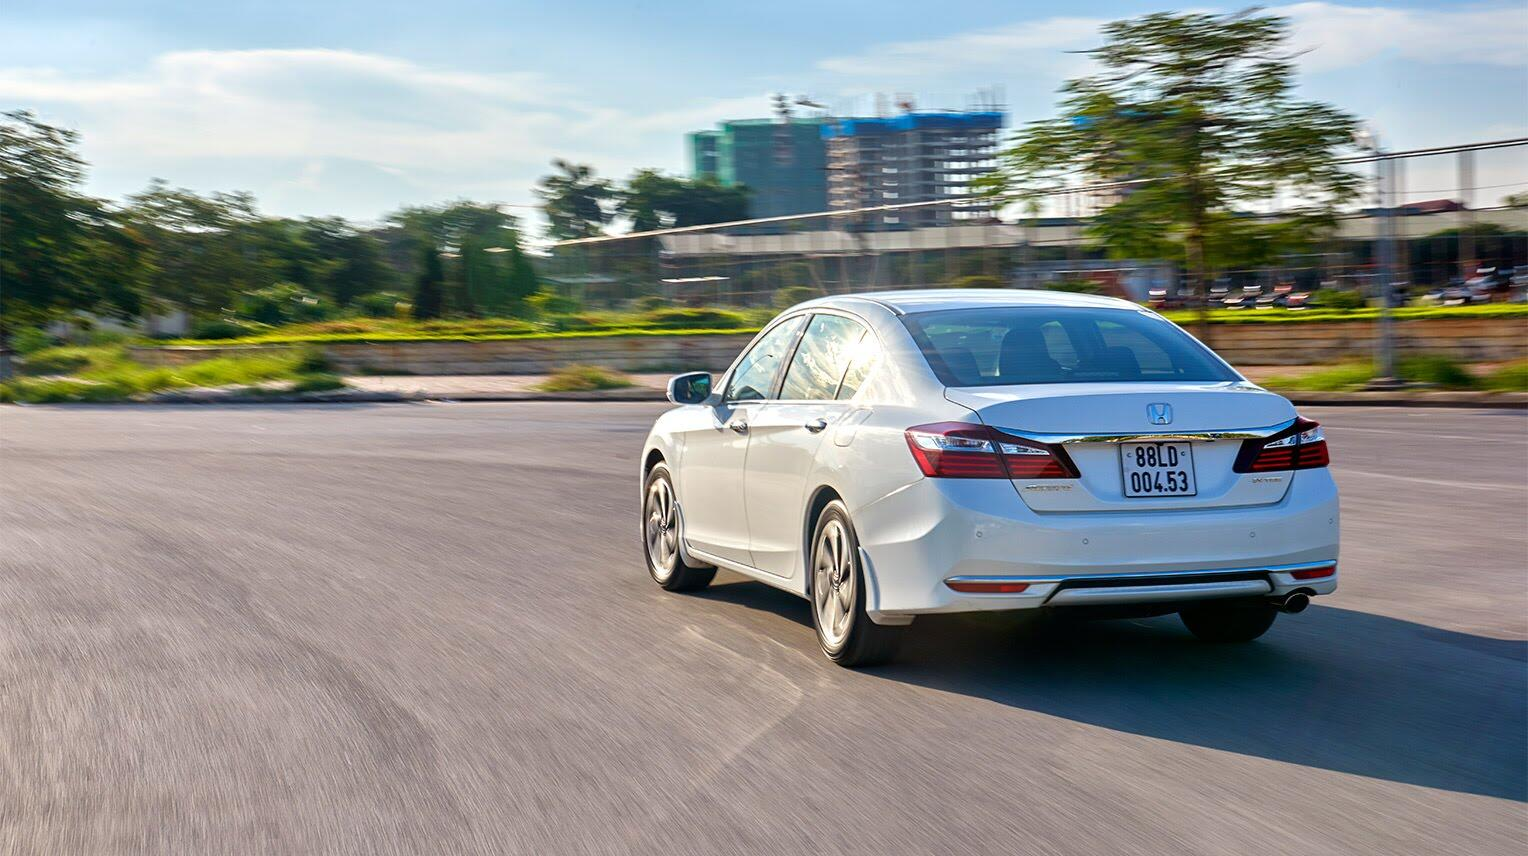 Đánh giá Honda Accord 2016: Ưa nhìn hơn, trang bị tốt hơn và lái phấn khích hơn - Hình 34